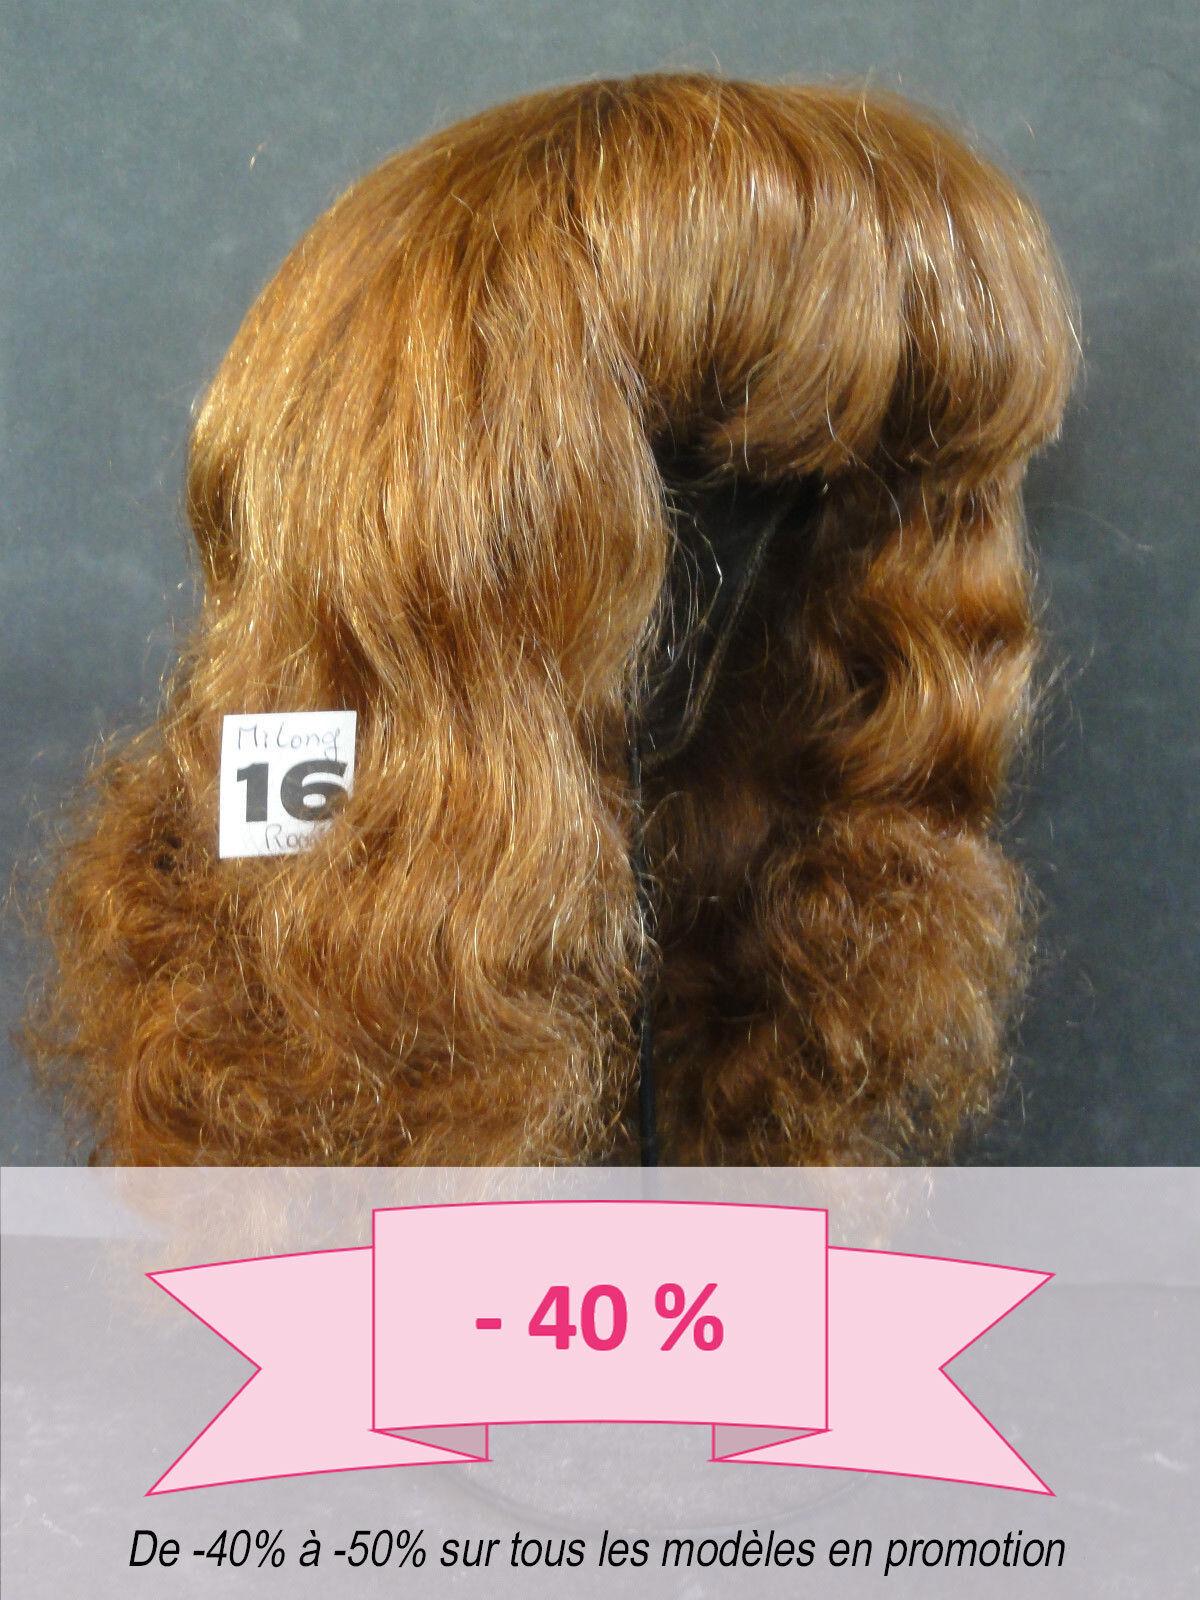 -40% Promo Peluca de Muñeca T16 (49.5cm) 100% Cabellos mi Larga Ch-Roux